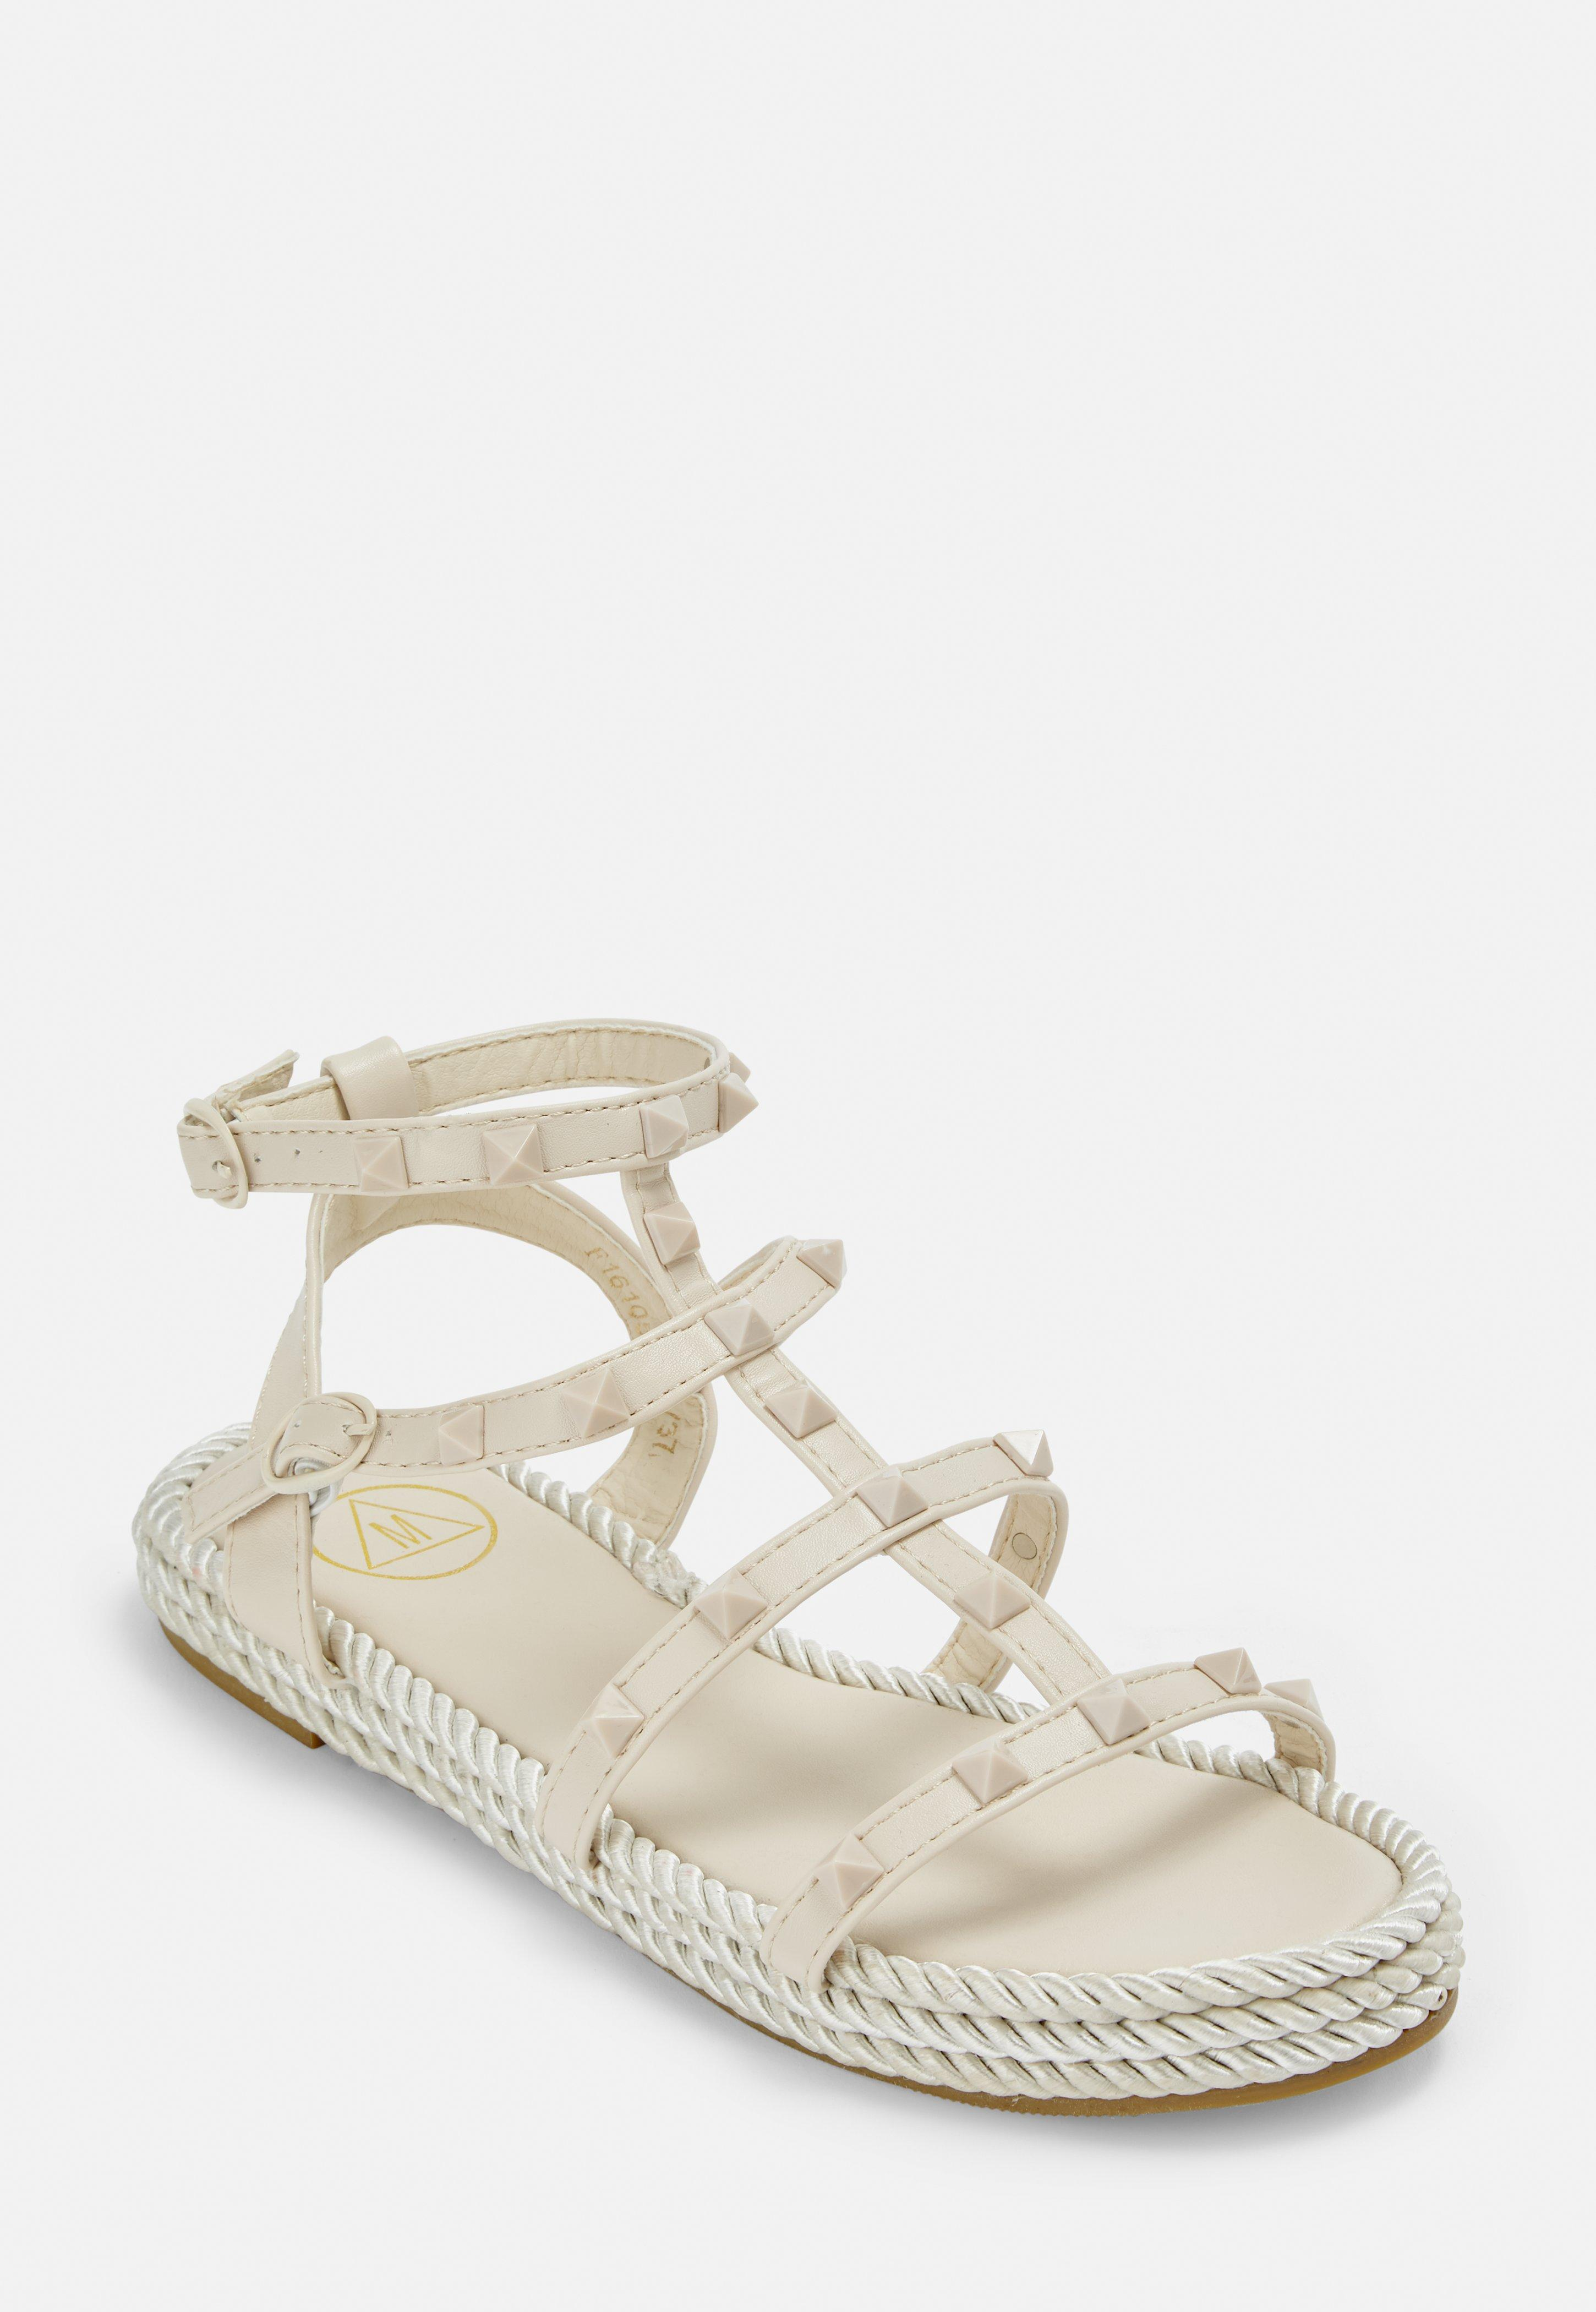 29b9d1964cec Sandals - Shop Sandals for Women Online